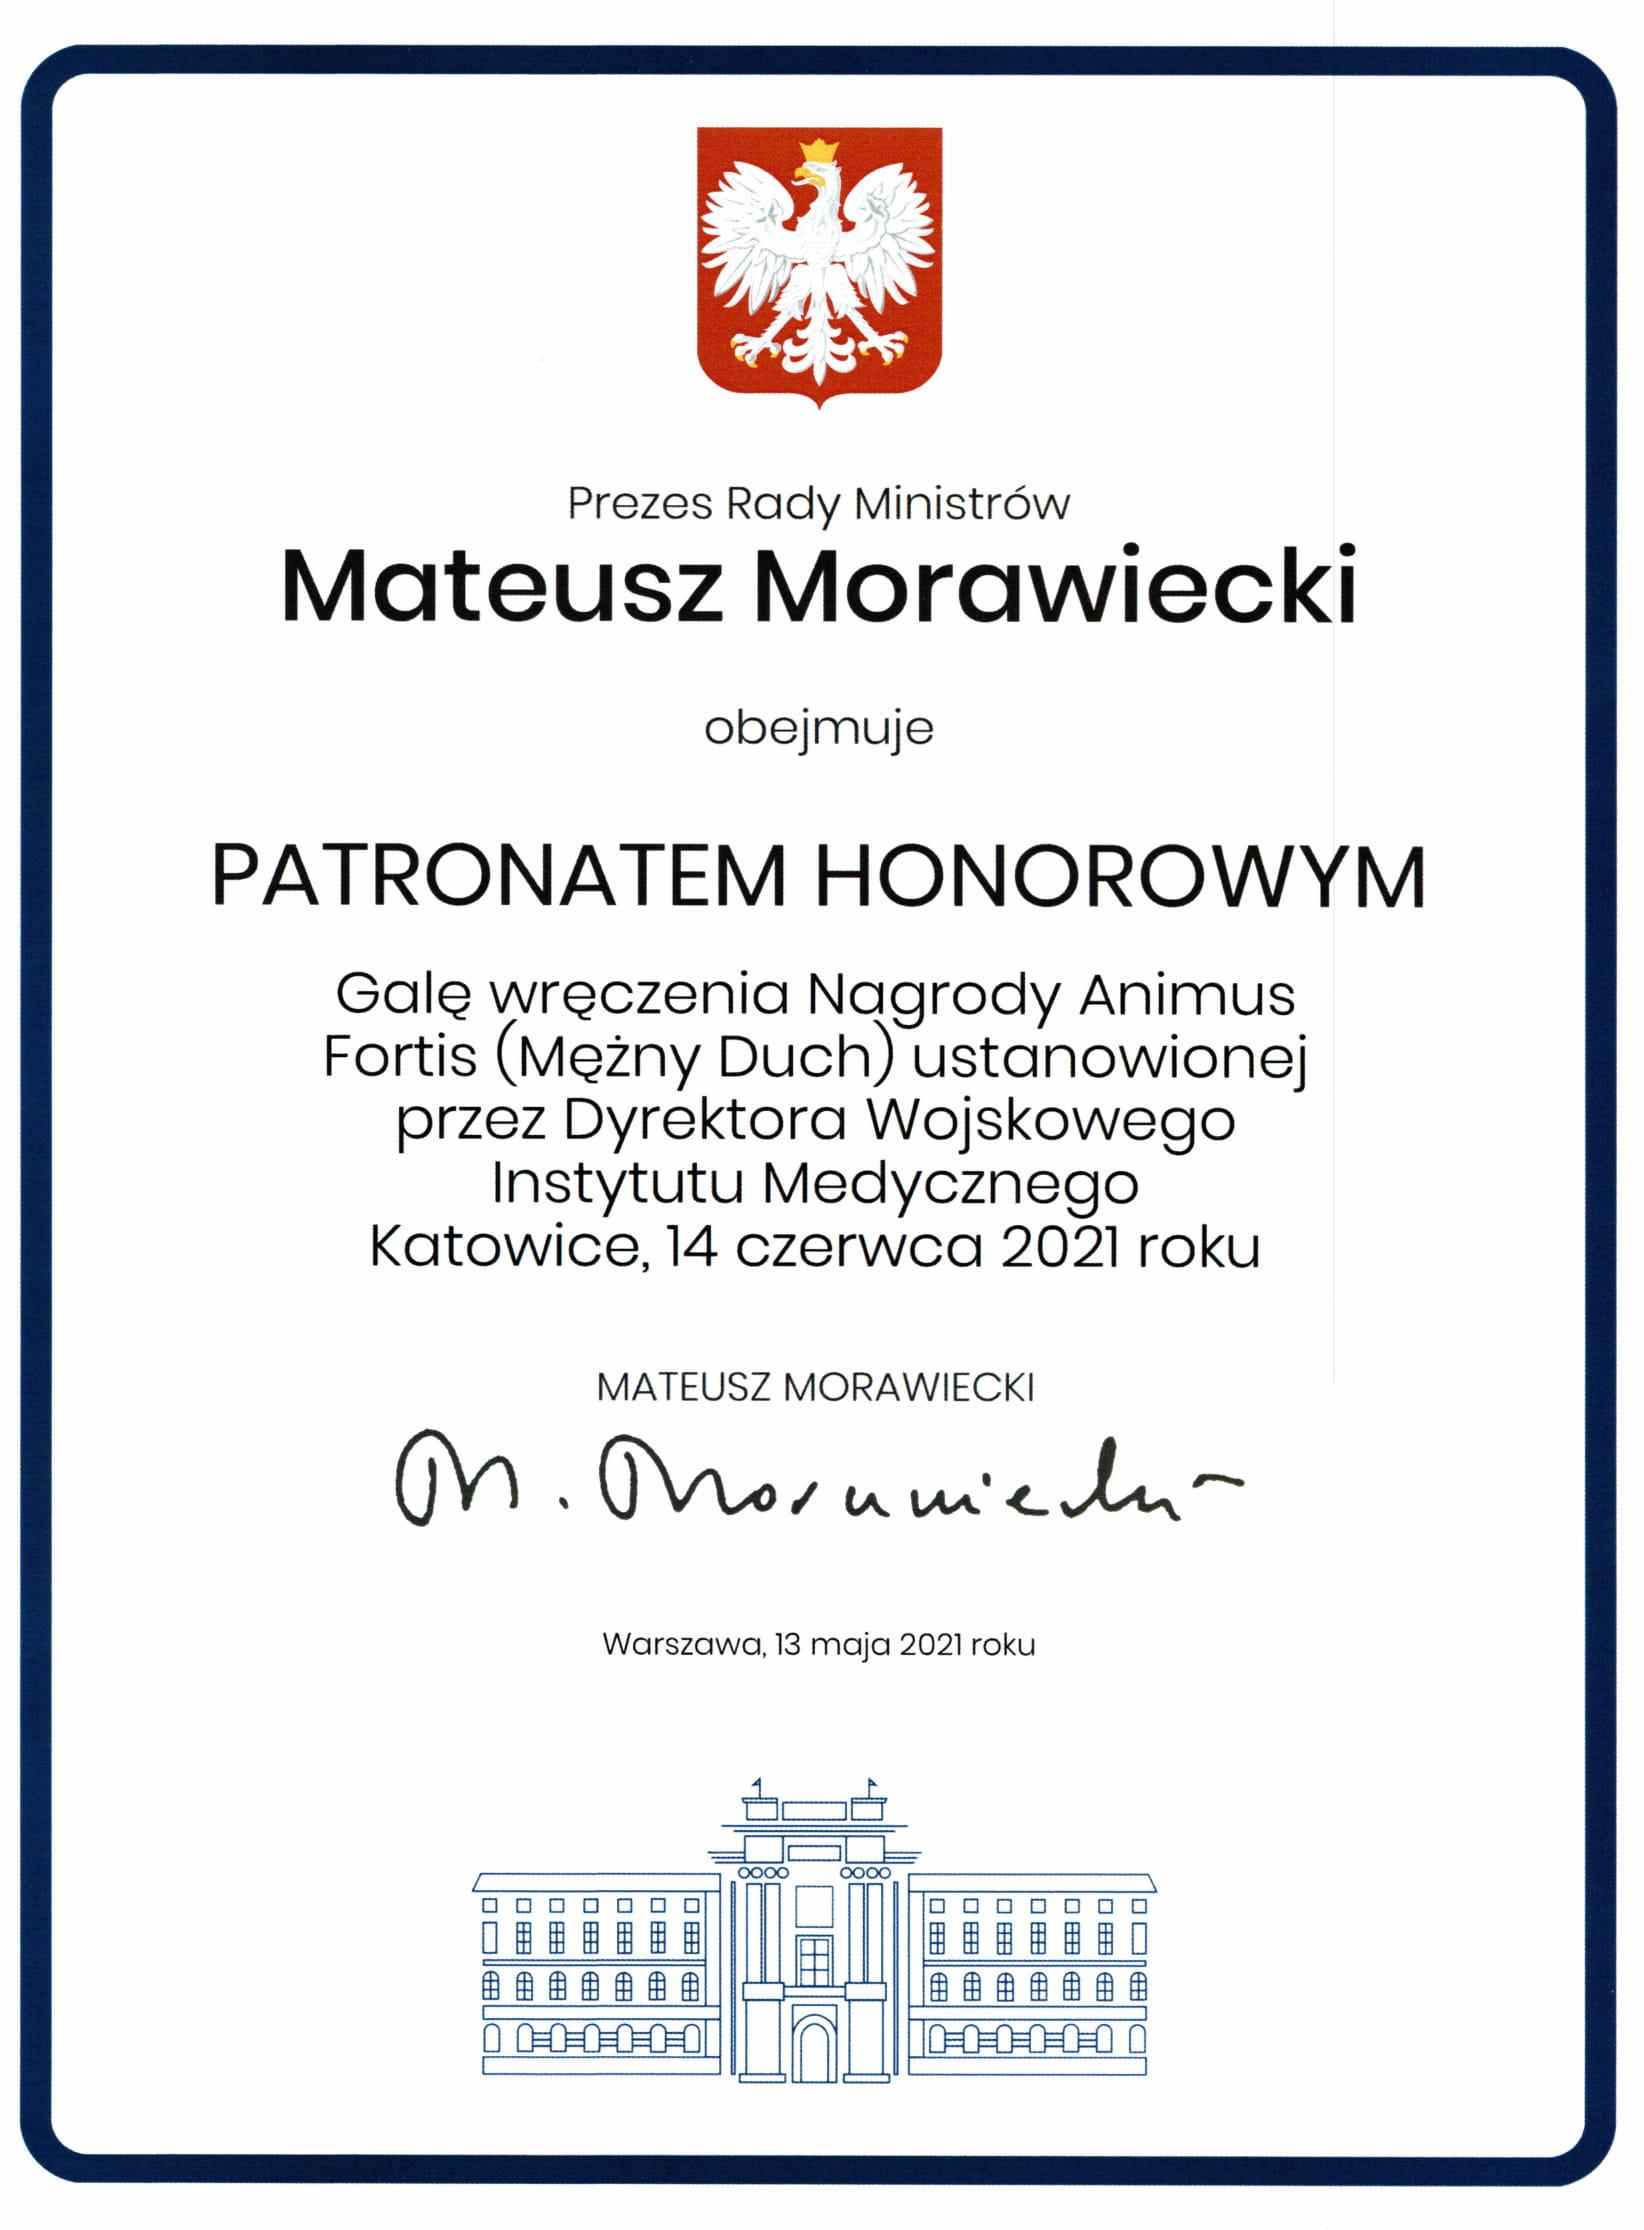 Patronat honorowy nad tegoroczną Galą wręczenia nagród Animus Fortis (Mężny Duch) objął Prezes Rady Ministrów – Mateusz Morawiecki.